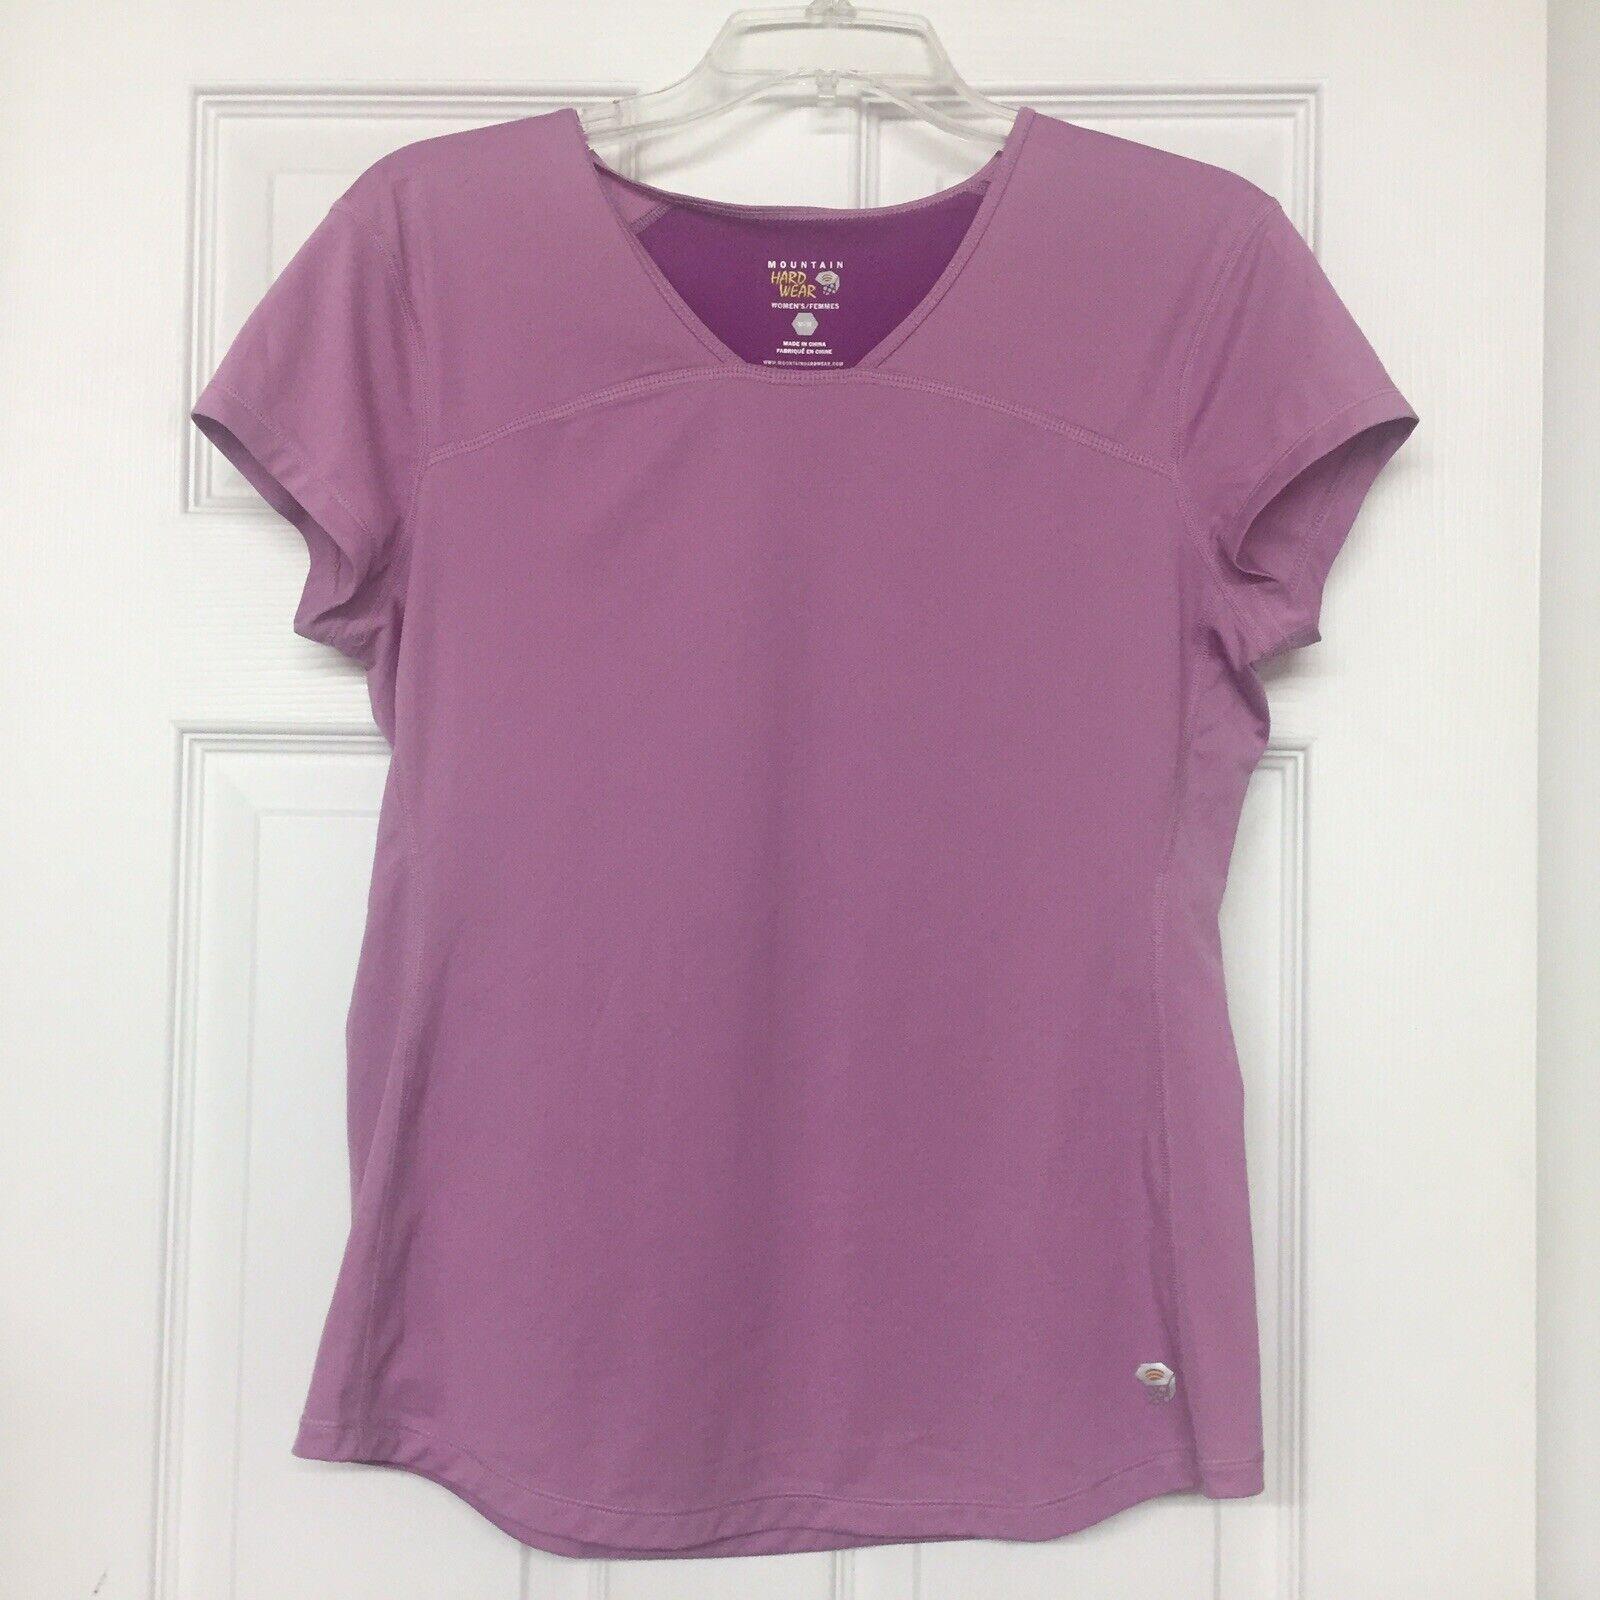 Mountain Hardwear Two Tone Purple Short Sleeved Active Wear Top Sz M